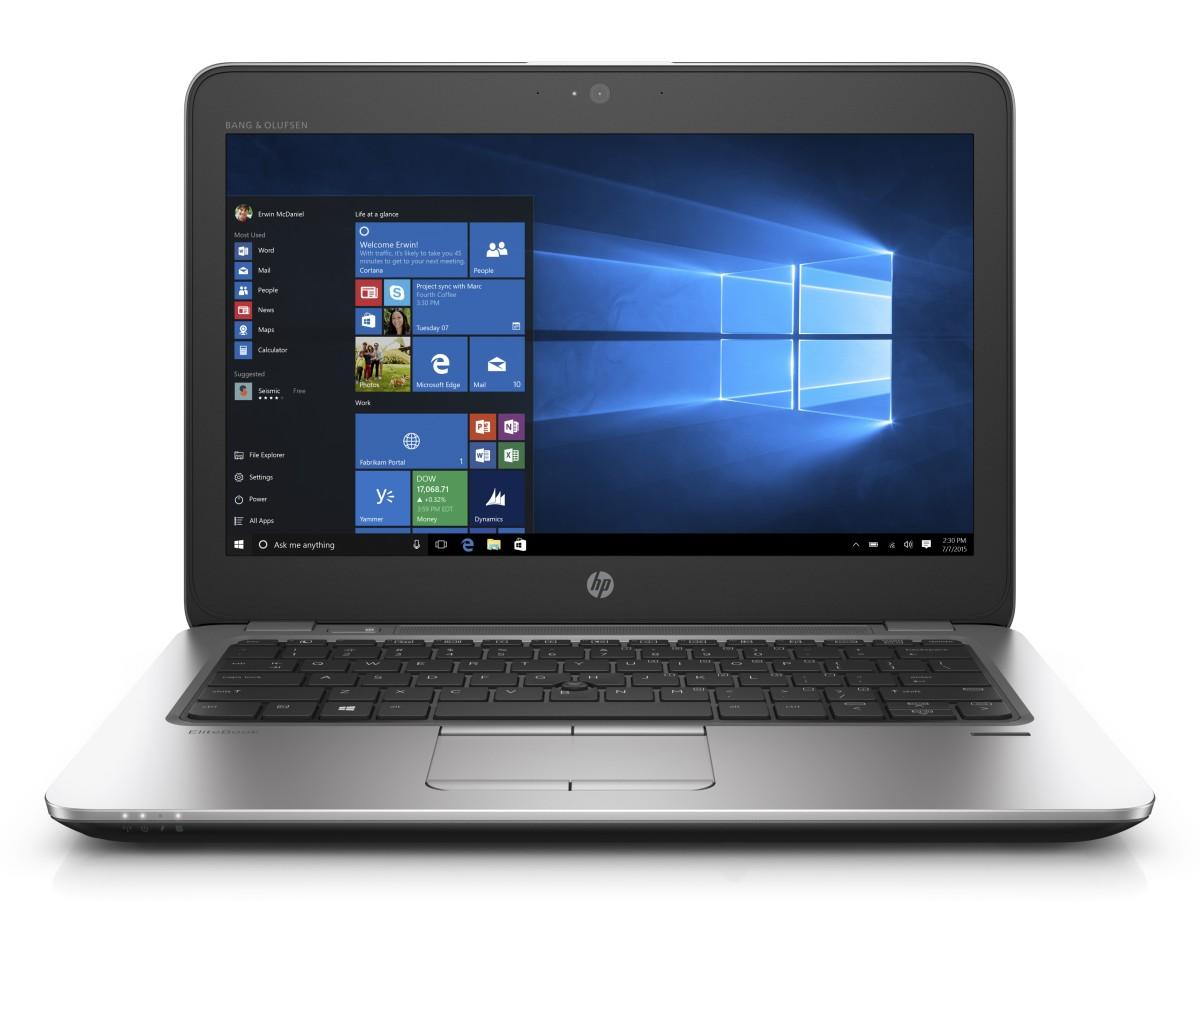 HP EliteBook 725 G4 FHD A12-9800B/8GB/256SSD/VGA/DP/Rj45/WIFI/BT/MCR/FPR/3RServis/W10P